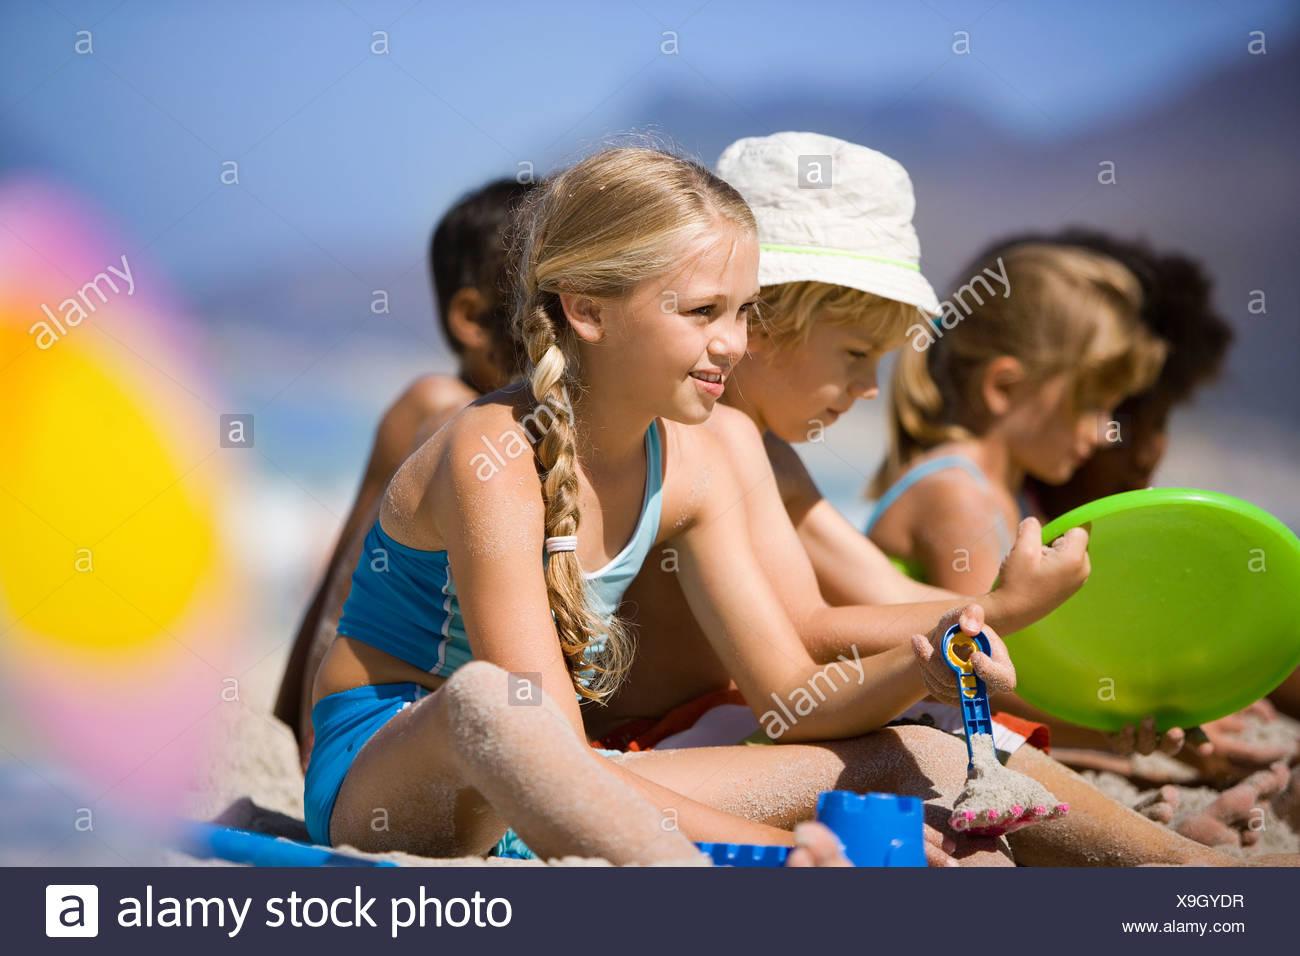 Bambini 4 9 seduto in linea sulla spiaggia sorridente vista laterale di messa a fuoco del differenziale Immagini Stock